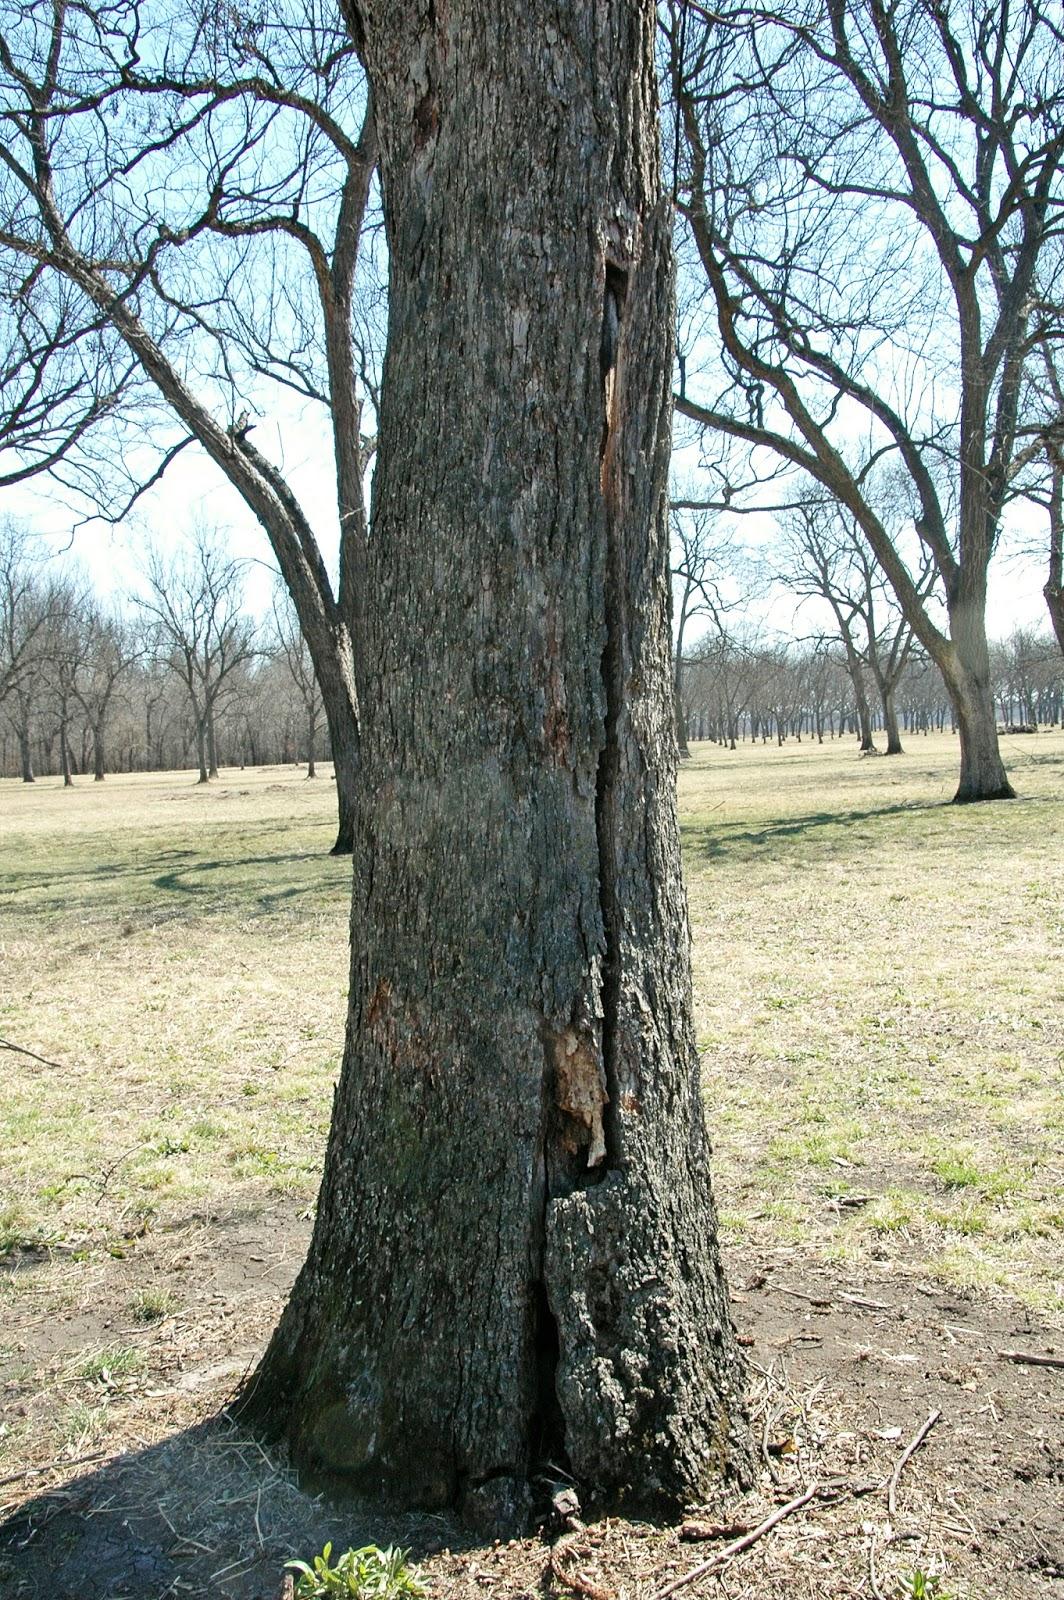 Northern Pecans Big Native Pecan Tree Weakened By Wood Rot